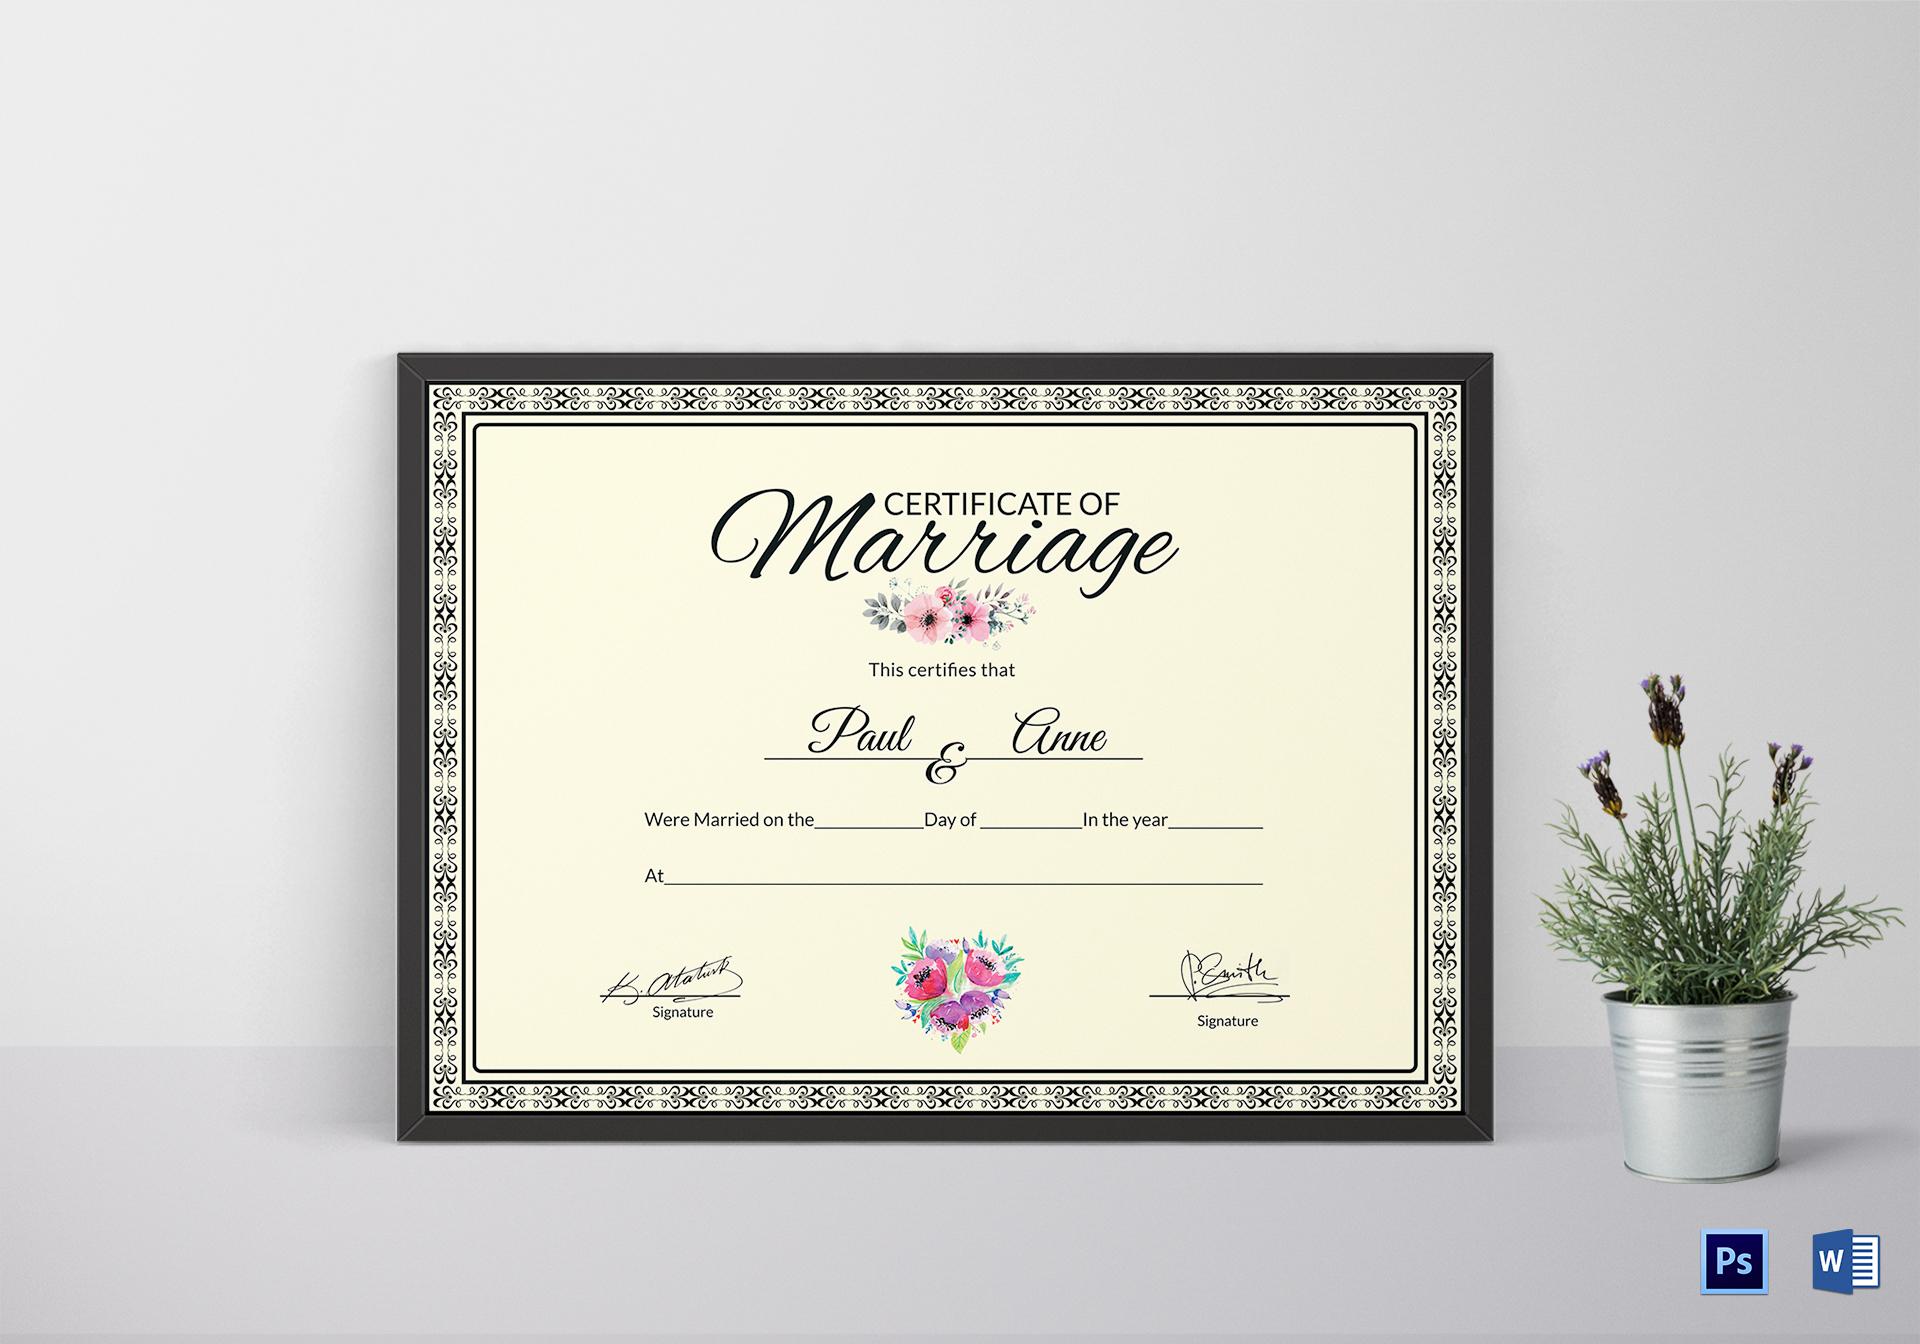 Marriage Certificate DesignTemplate